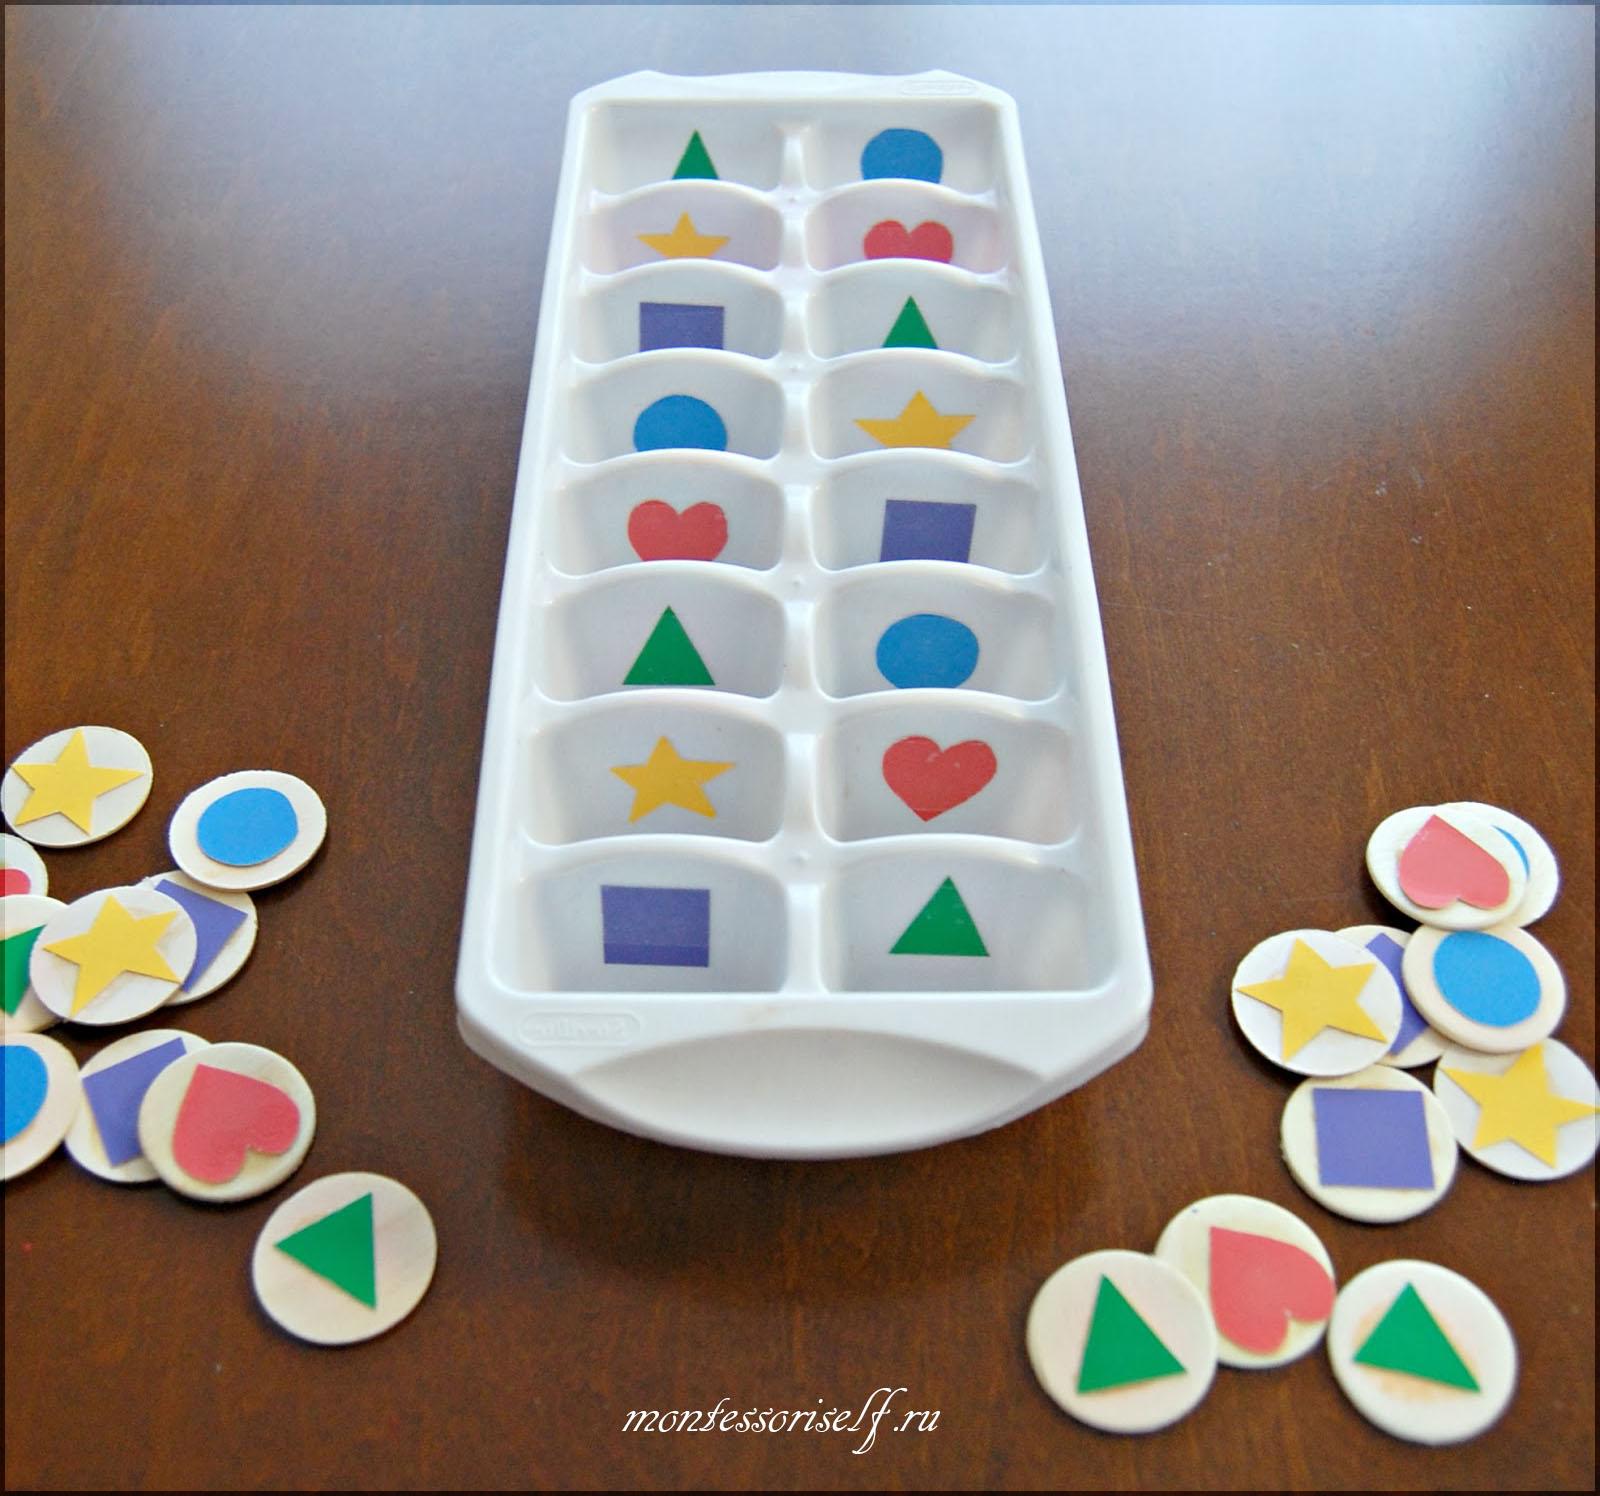 Как сделать развивающие игрушки для детей своими руками